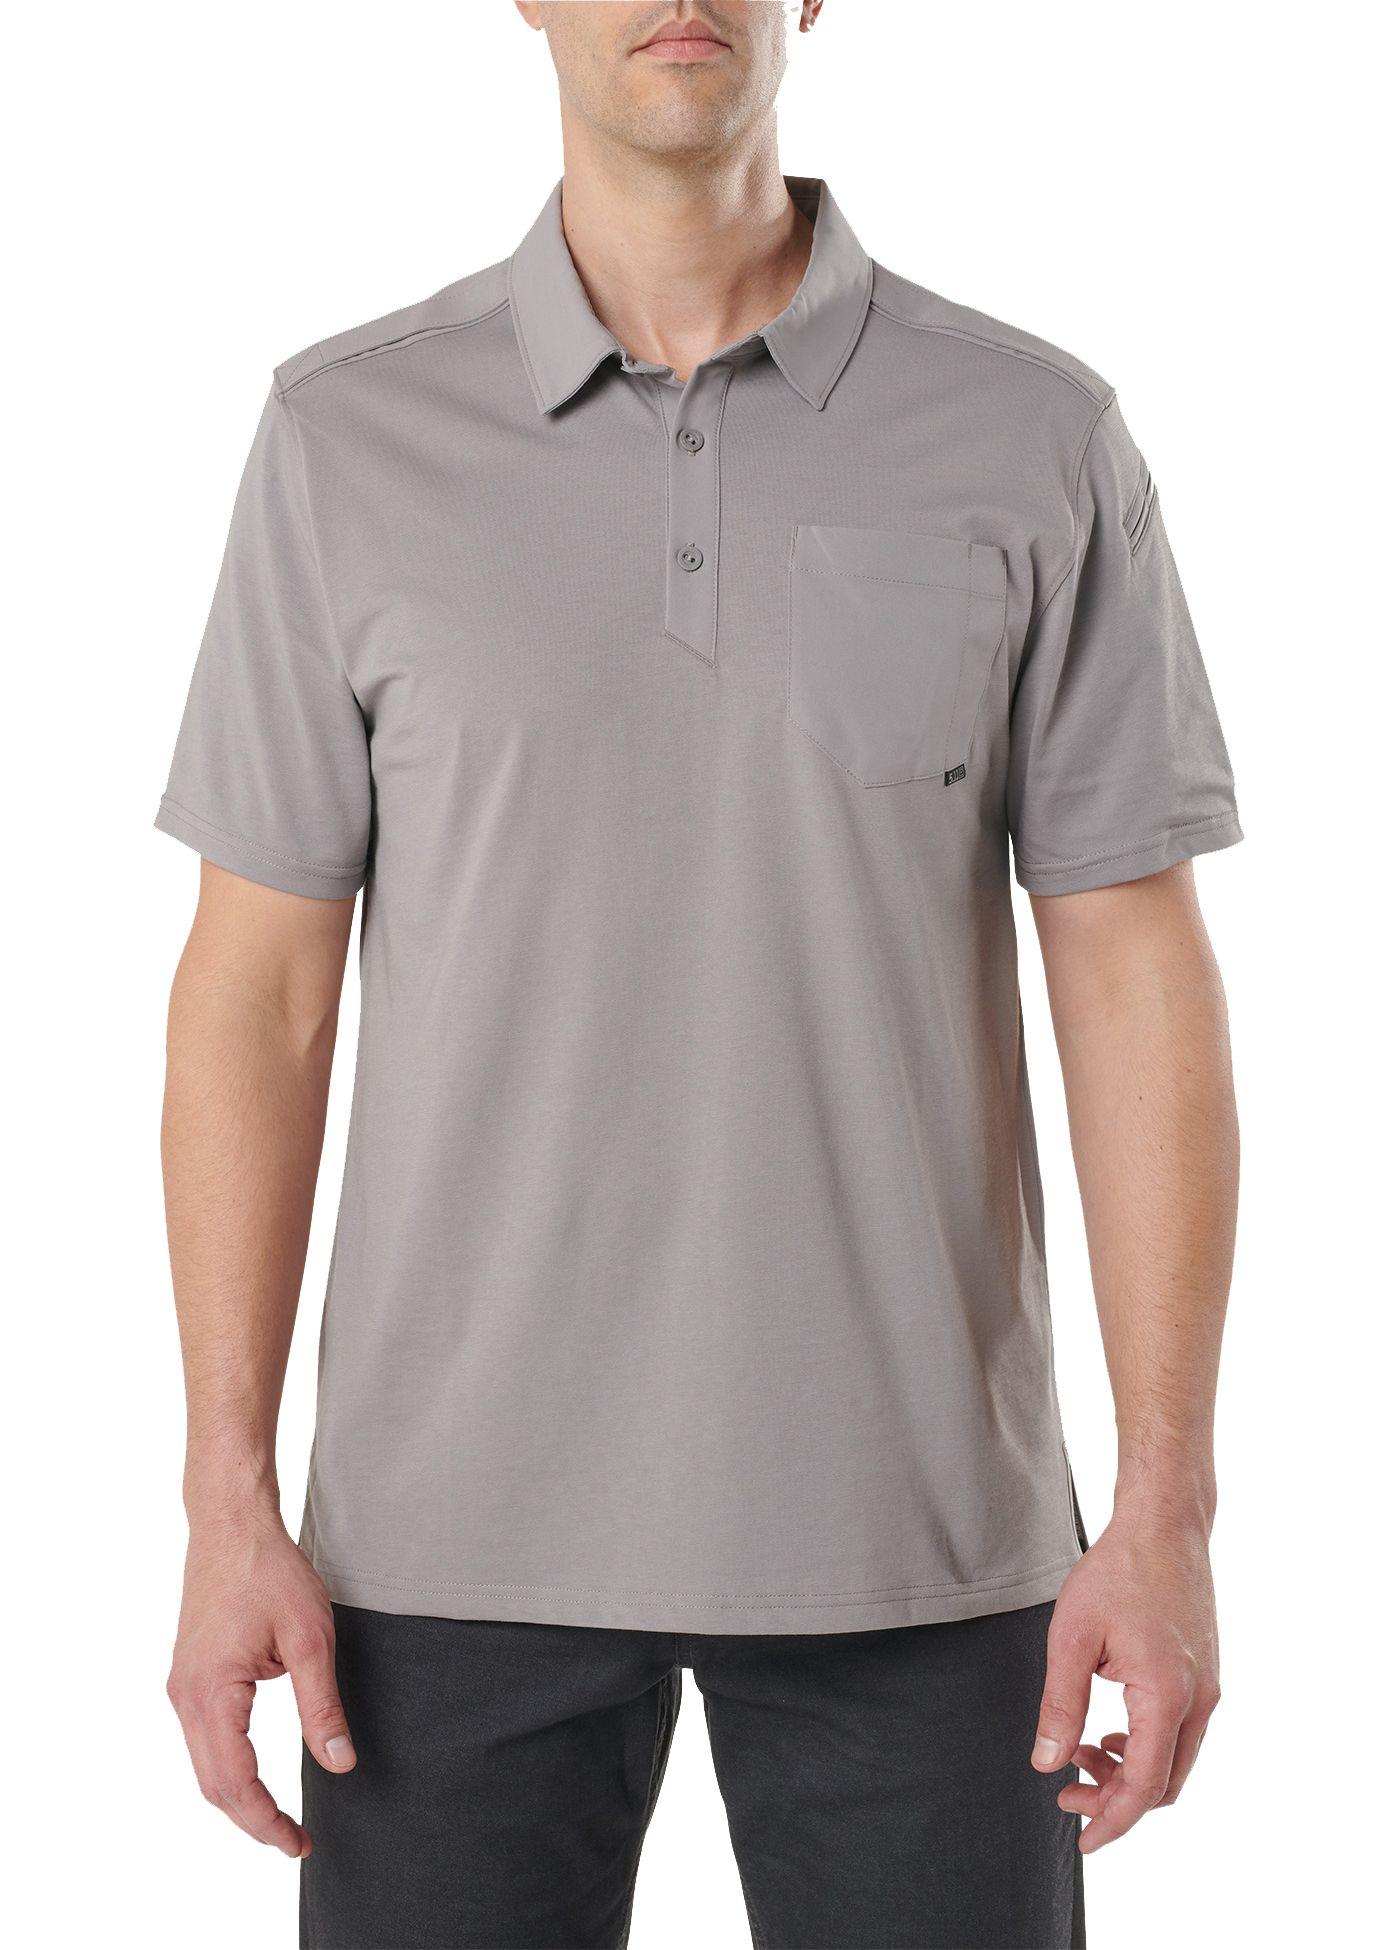 5.11 Tactical Men's Axis Short Sleeve Polo